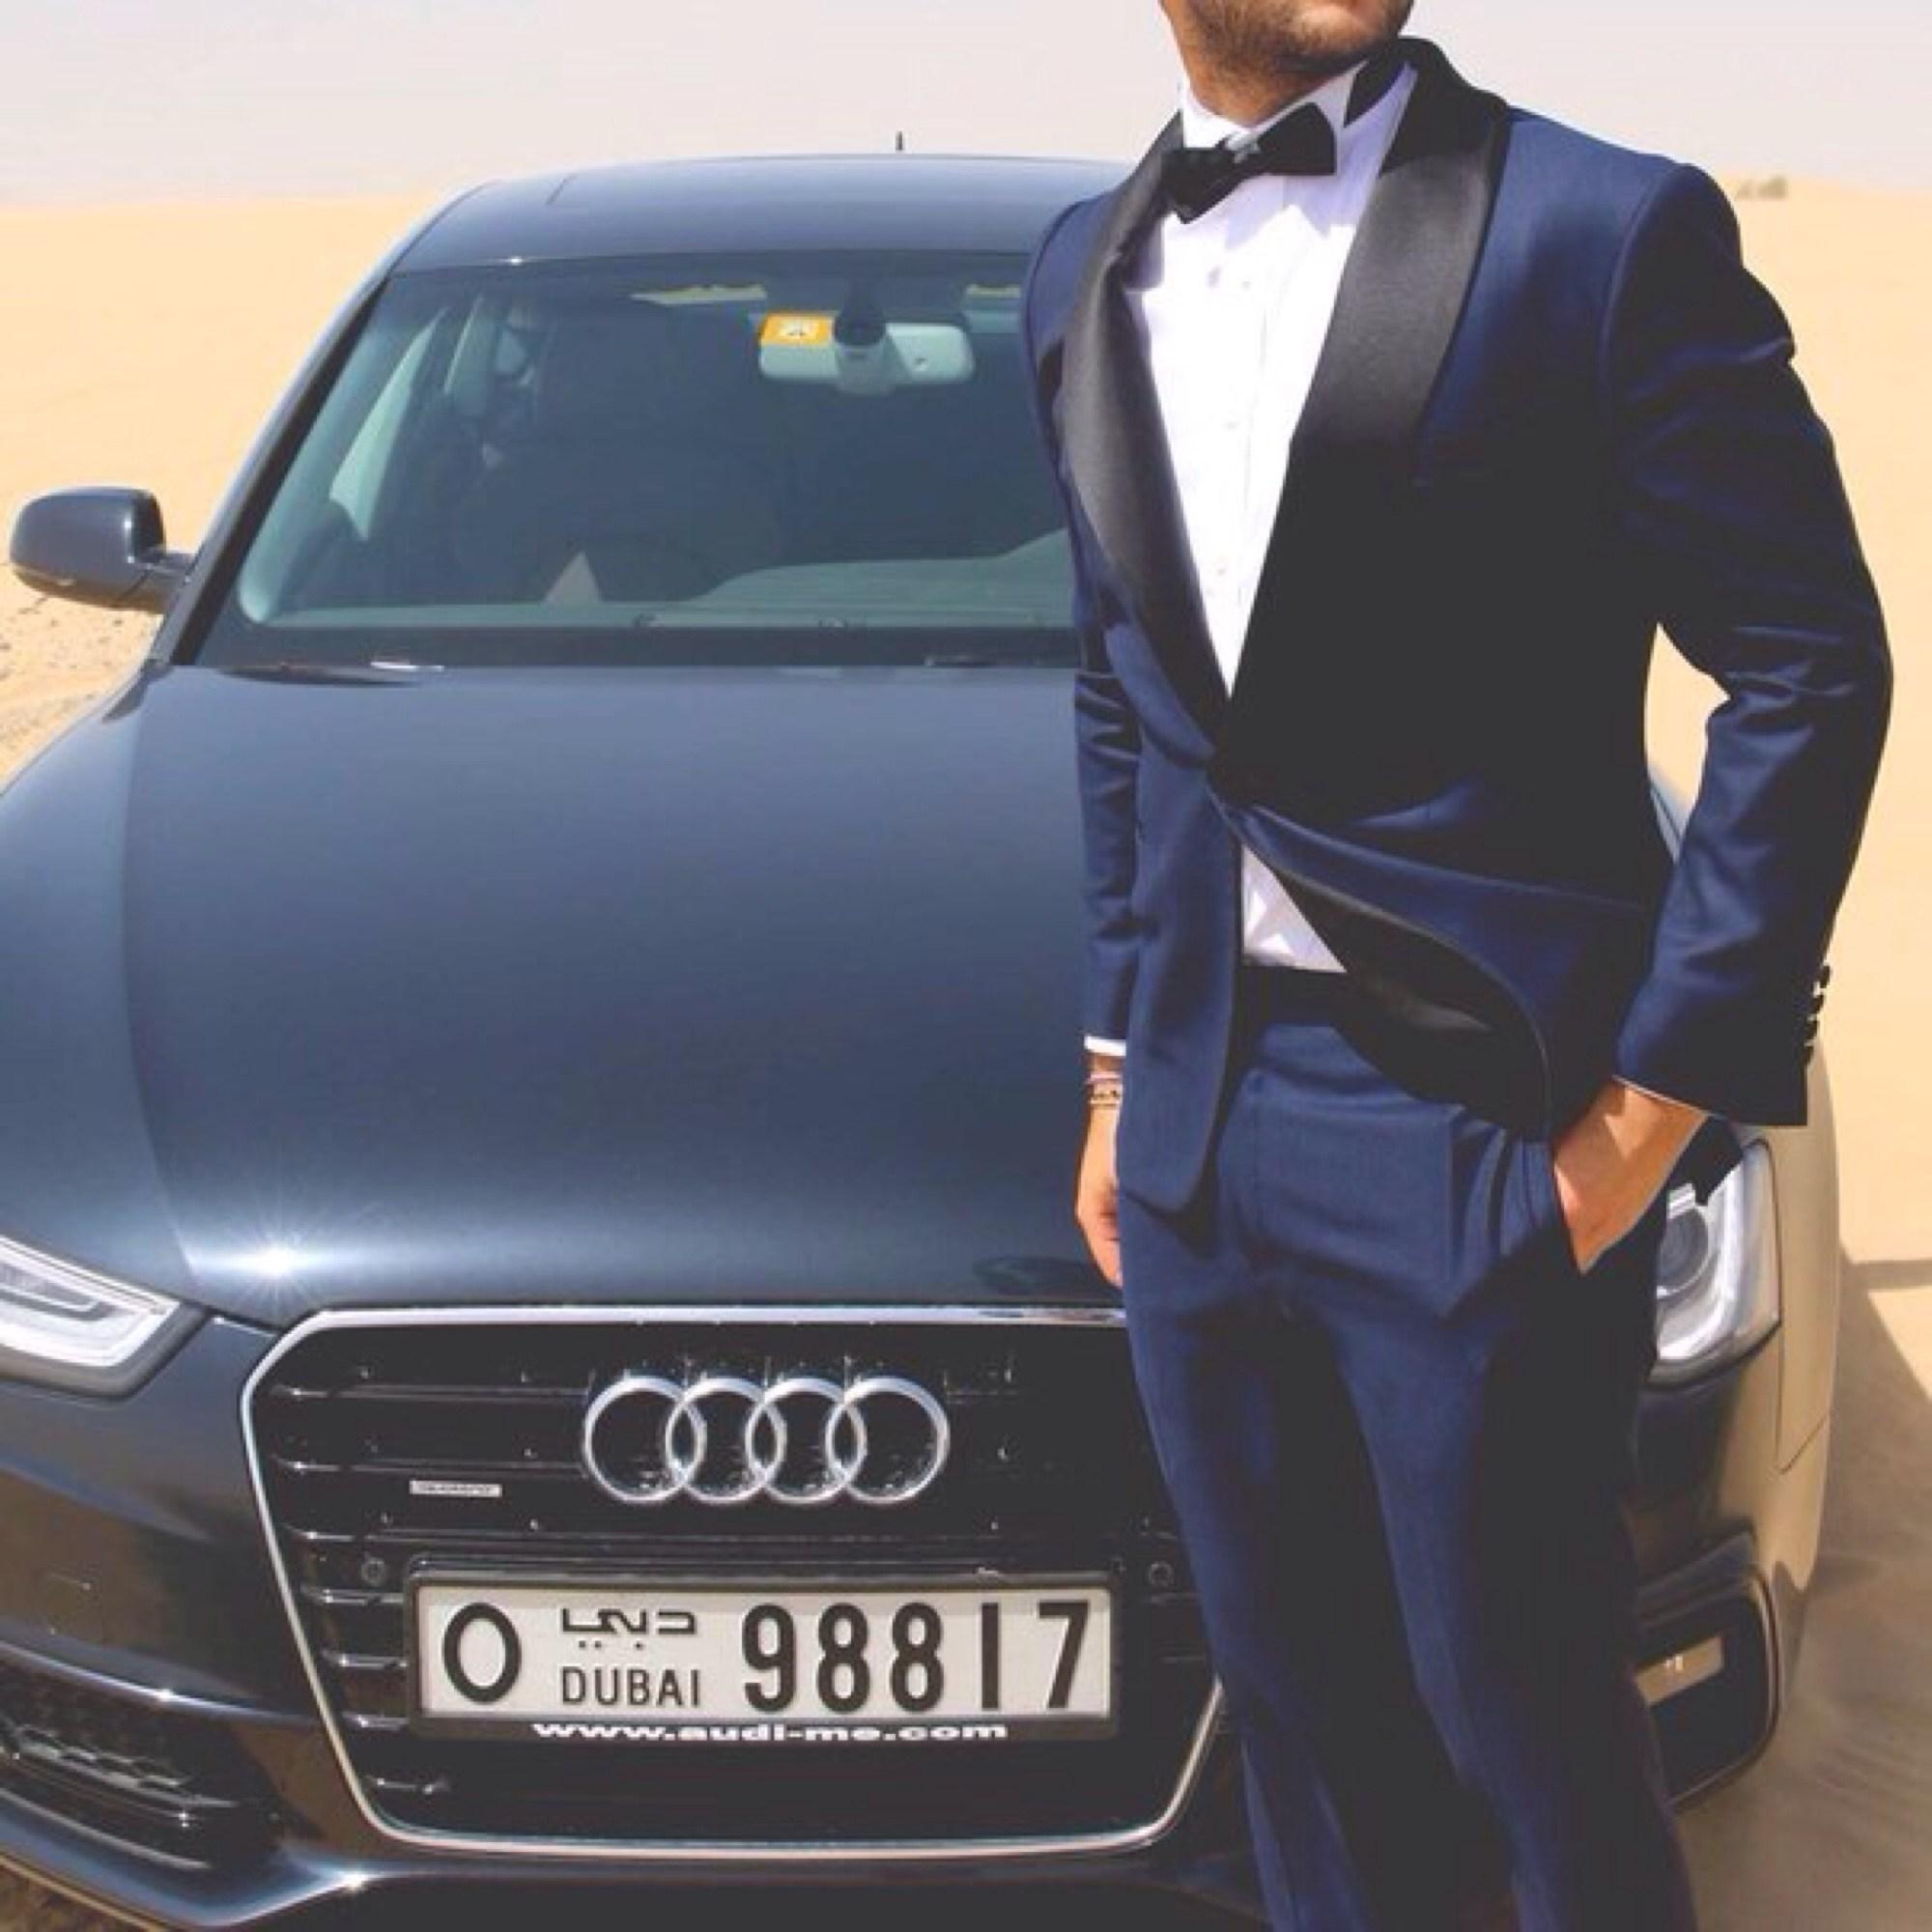 Фото мужчина в костюме возле машины